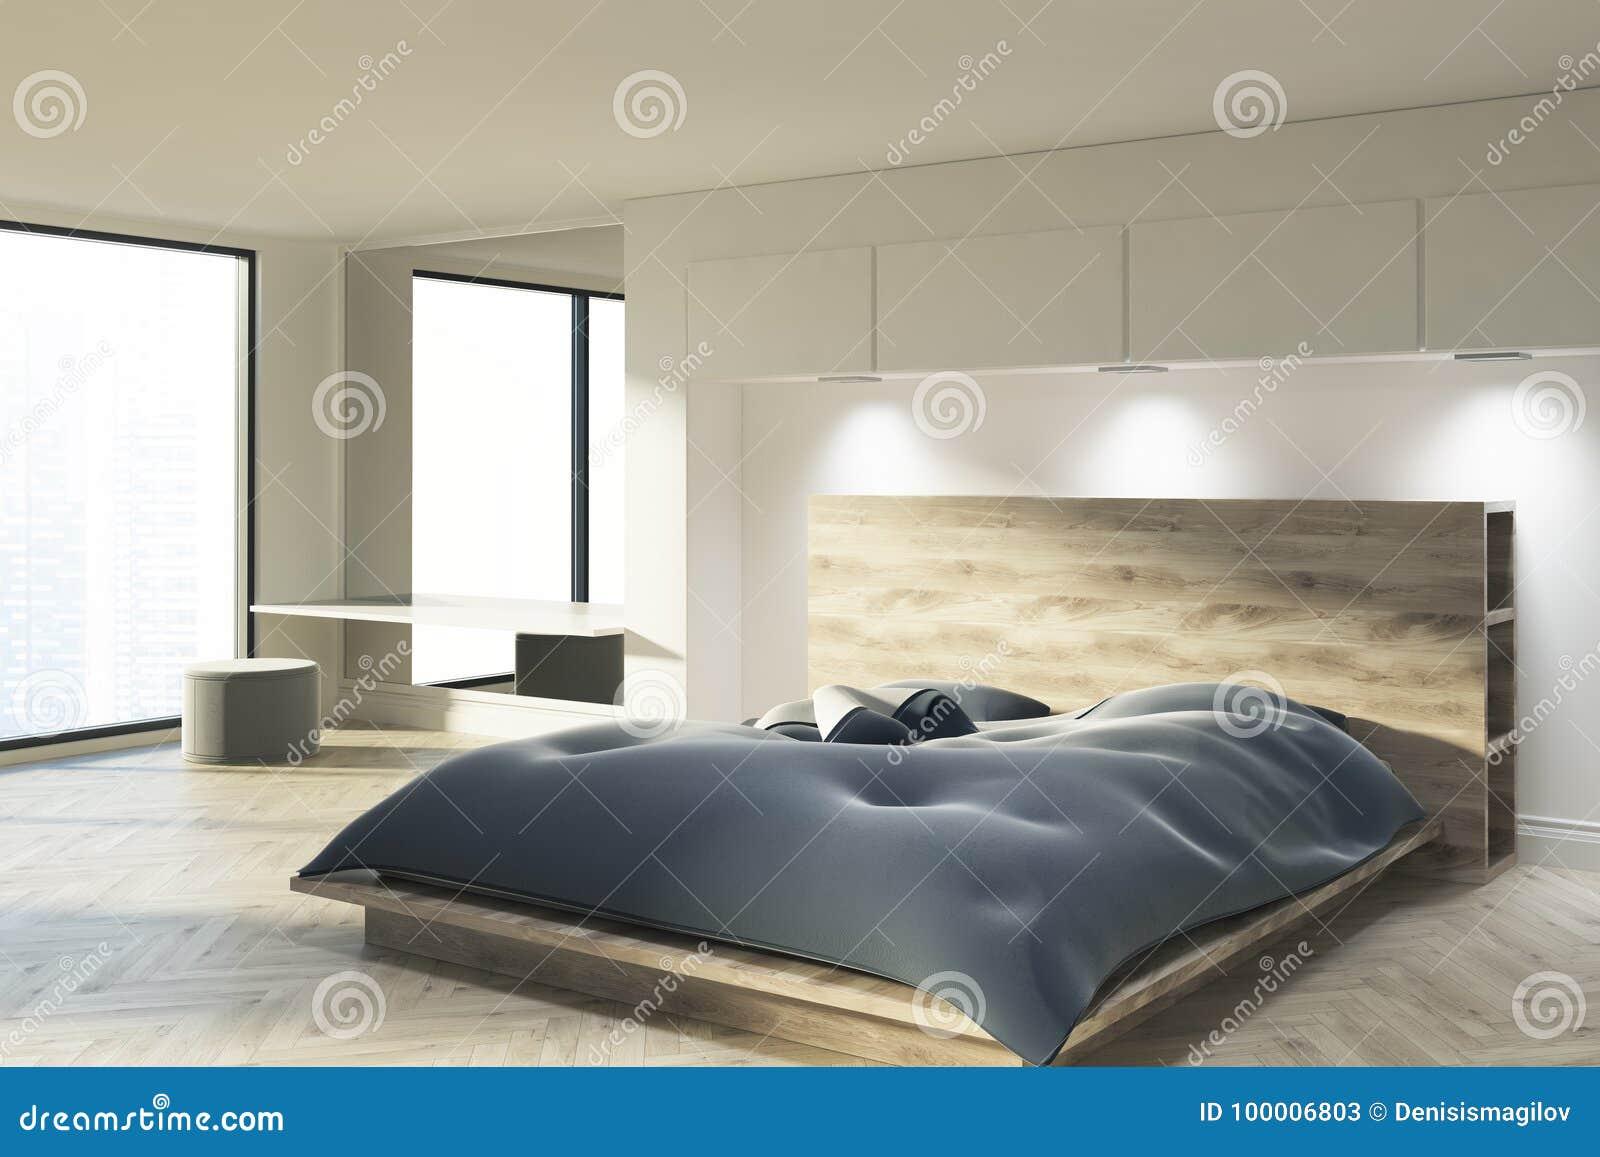 https://thumbs.dreamstime.com/z/witte-slaapkamer-met-een-blauw-bed-100006803.jpg